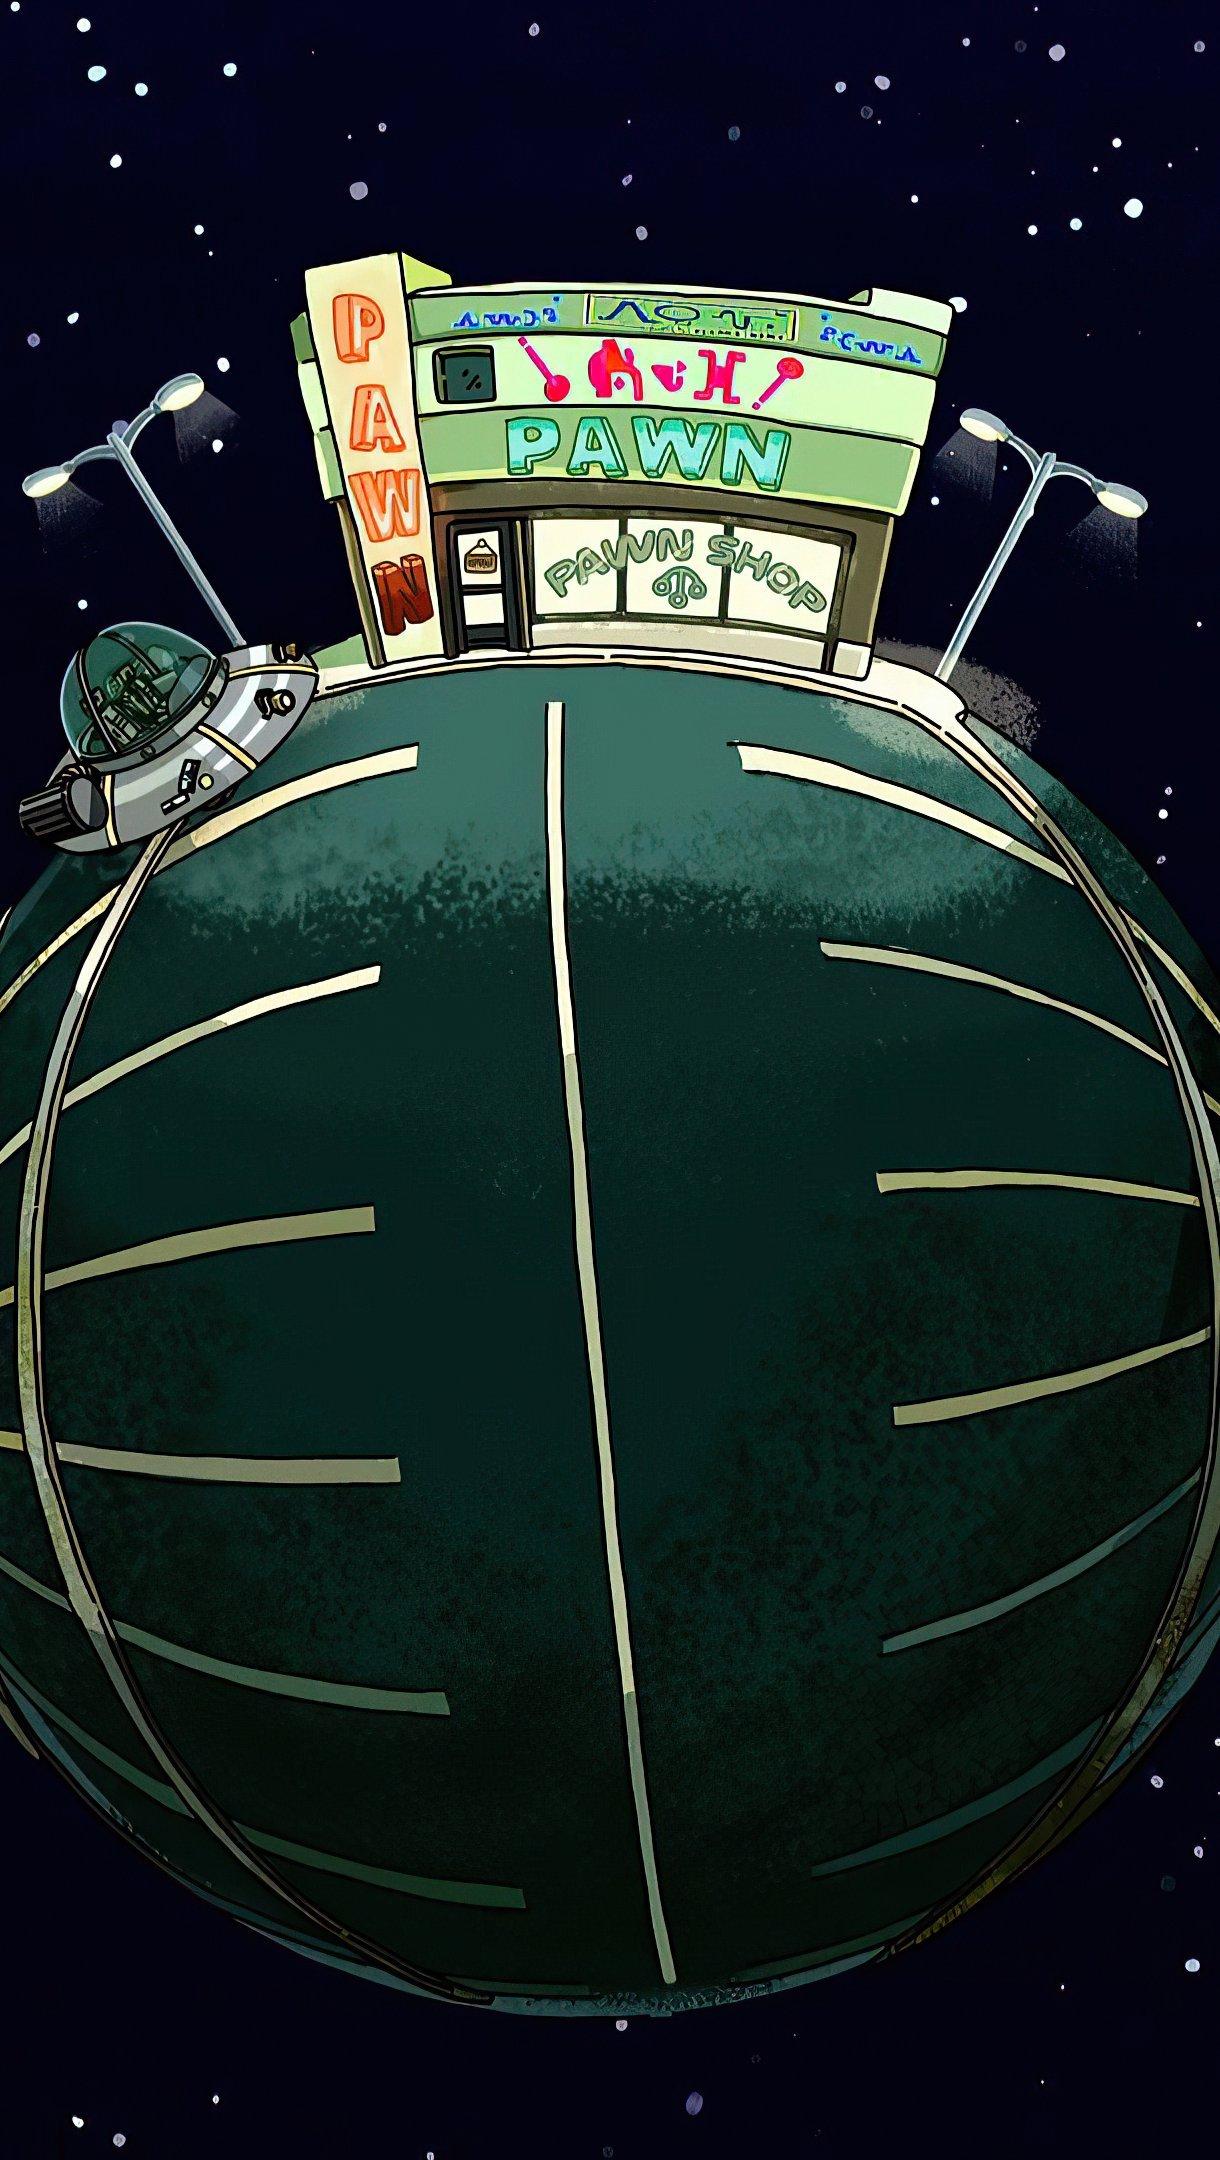 Fondos de pantalla Tienda Pawn de Rick y Morty Vertical